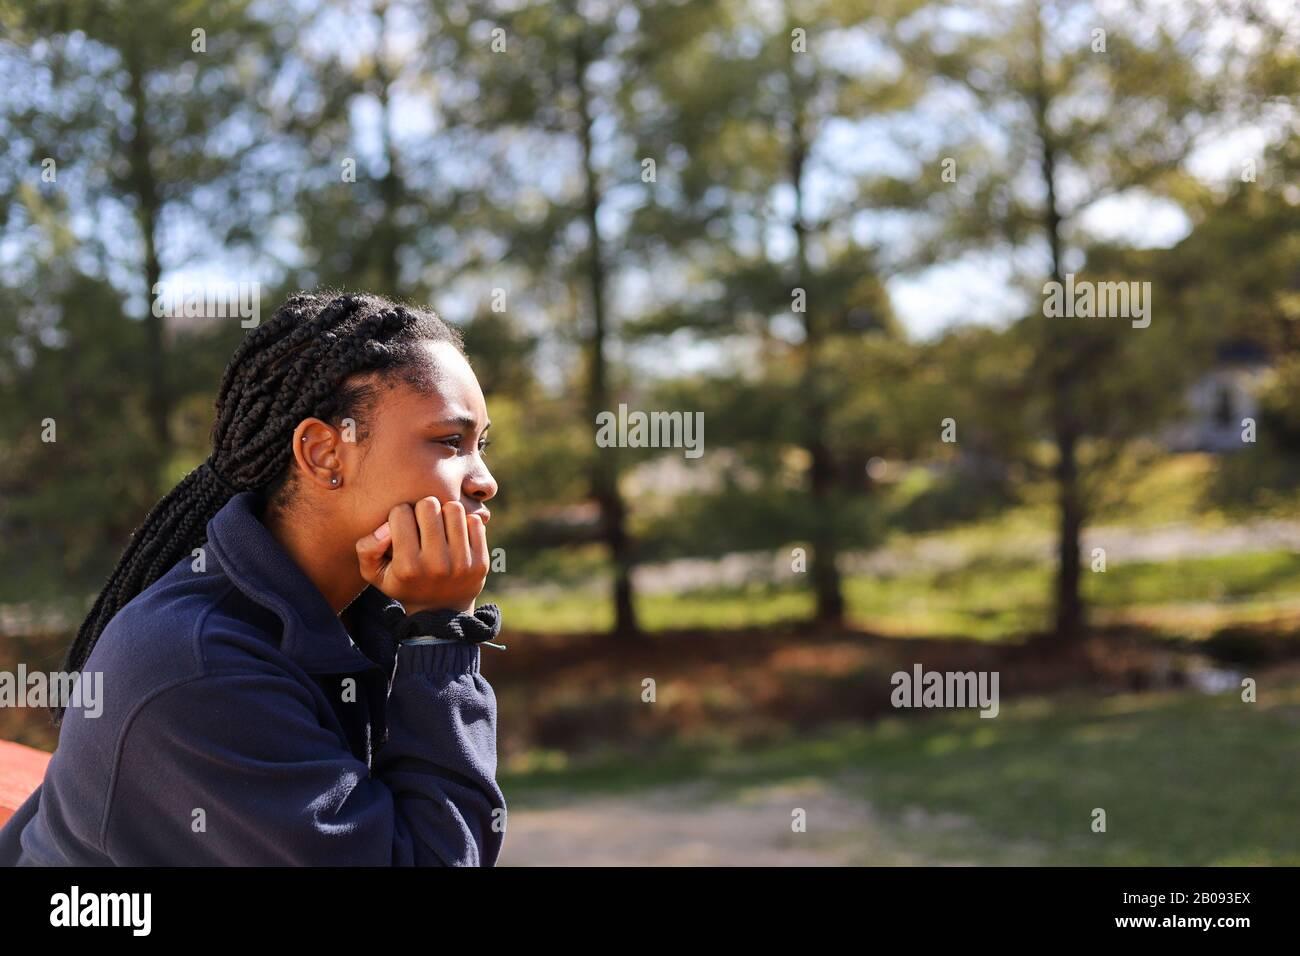 Portrait d'une jeune fille afro-américaine qui s'enregarde dans une pensée profonde Banque D'Images